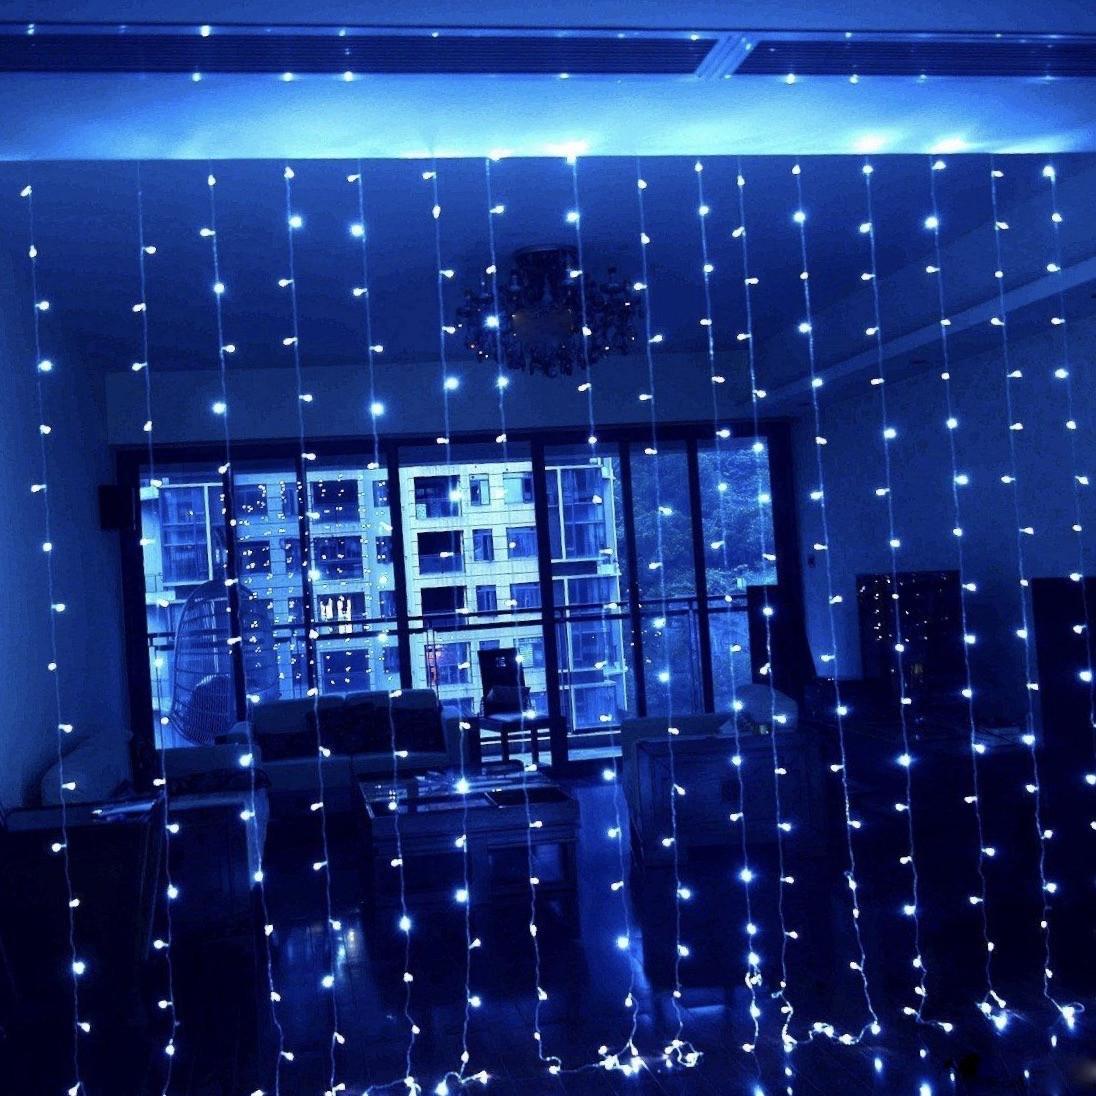 Гирлянда Водопад Alphatrade 2,5*2,5 м, 480 диодов, прозрачный провод, цвет синий